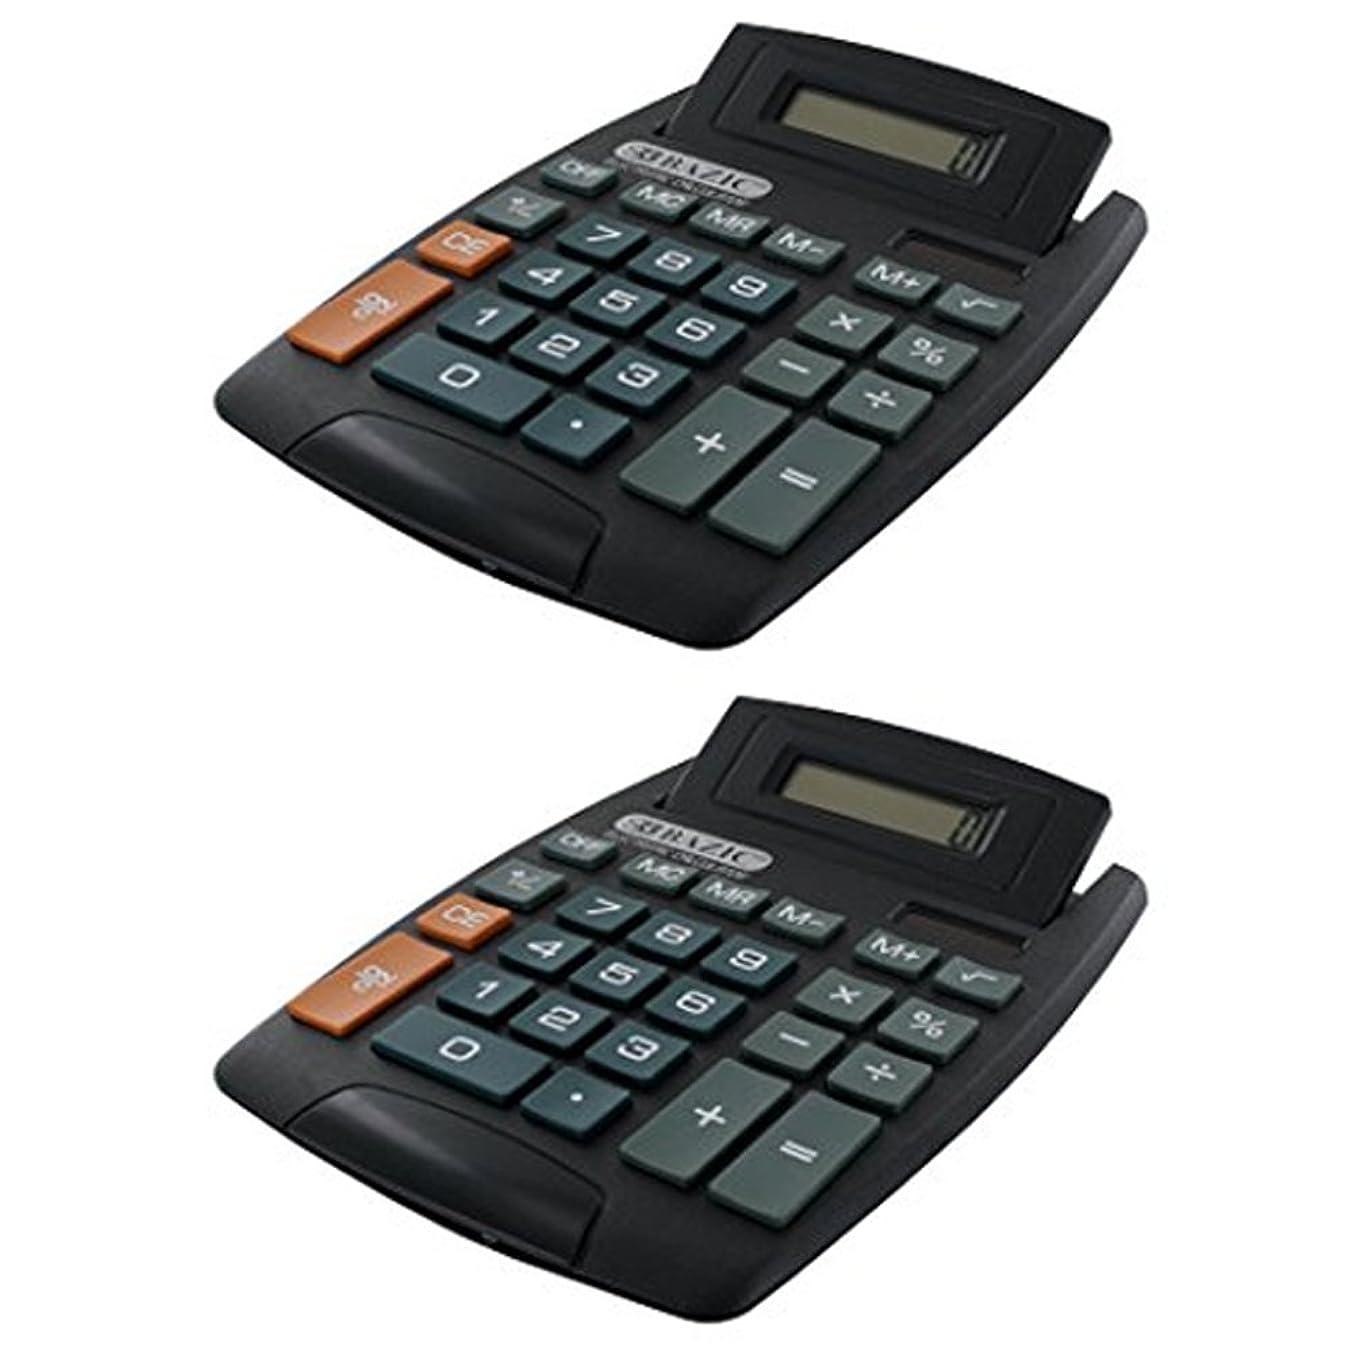 サスティーンプレビューあまりにも2デスクトップ電卓Bazicデスク調整角度調整オフィス学校ホーム8桁表示